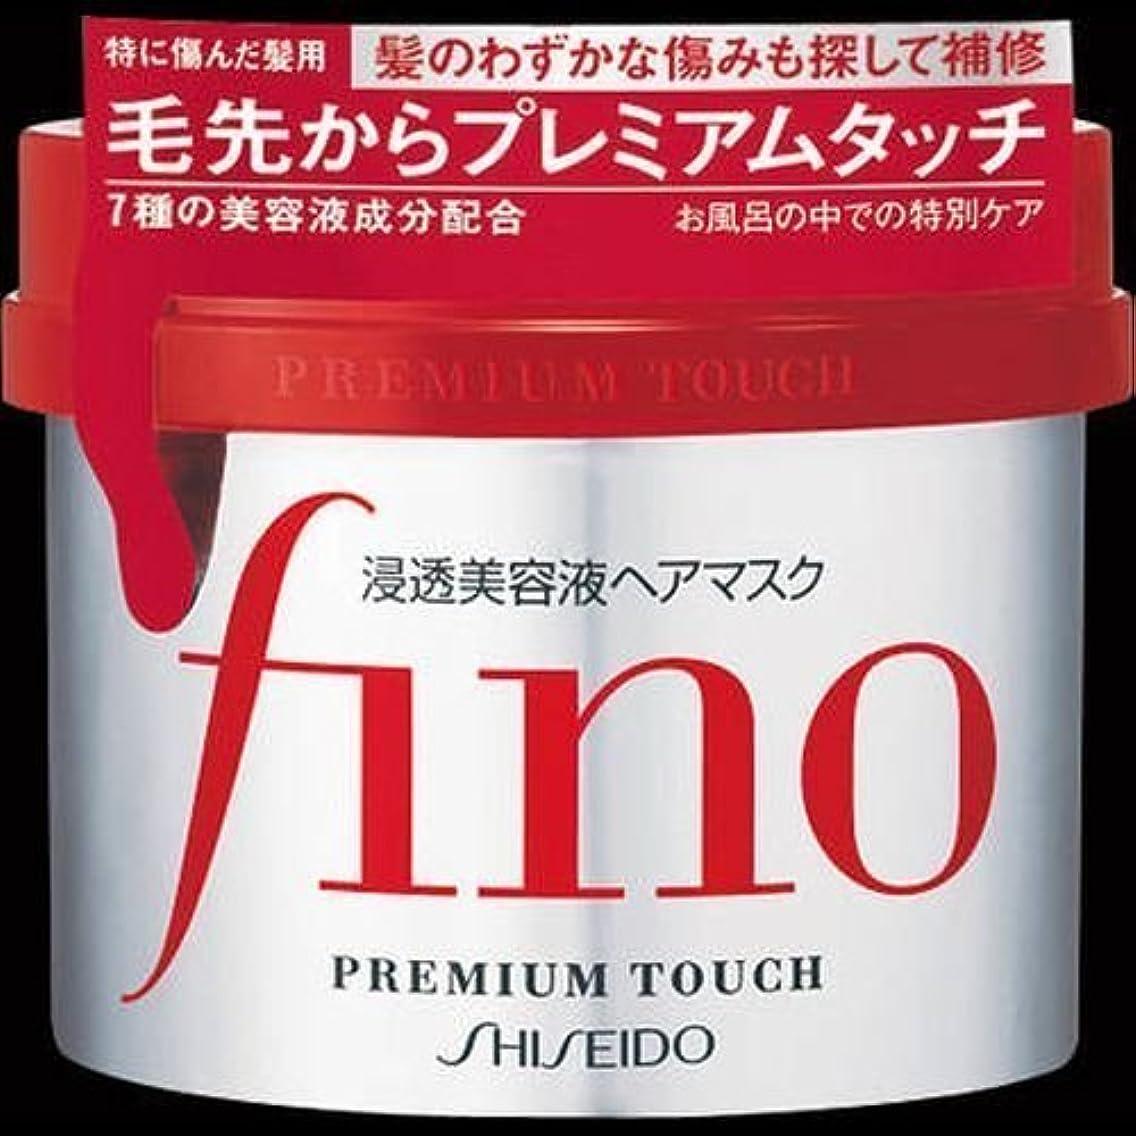 既婚合法動詞【まとめ買い】フィーノ プレミアムタッチ 浸透美容液 ヘアマスク 230g ×2セット